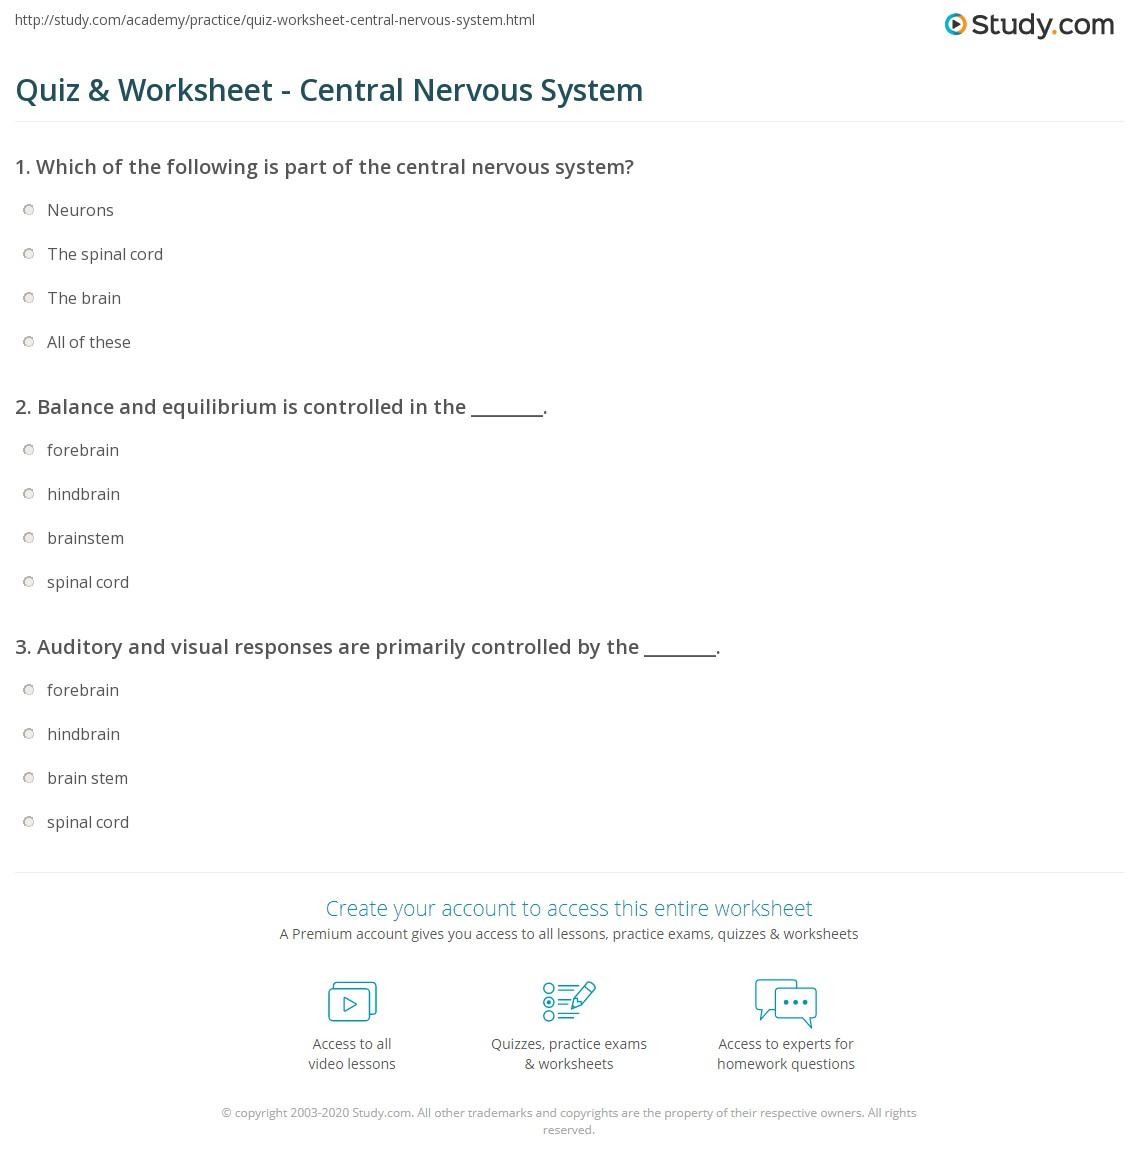 worksheet Central Nervous System Worksheet quiz worksheet central nervous system study com print definition function parts worksheet